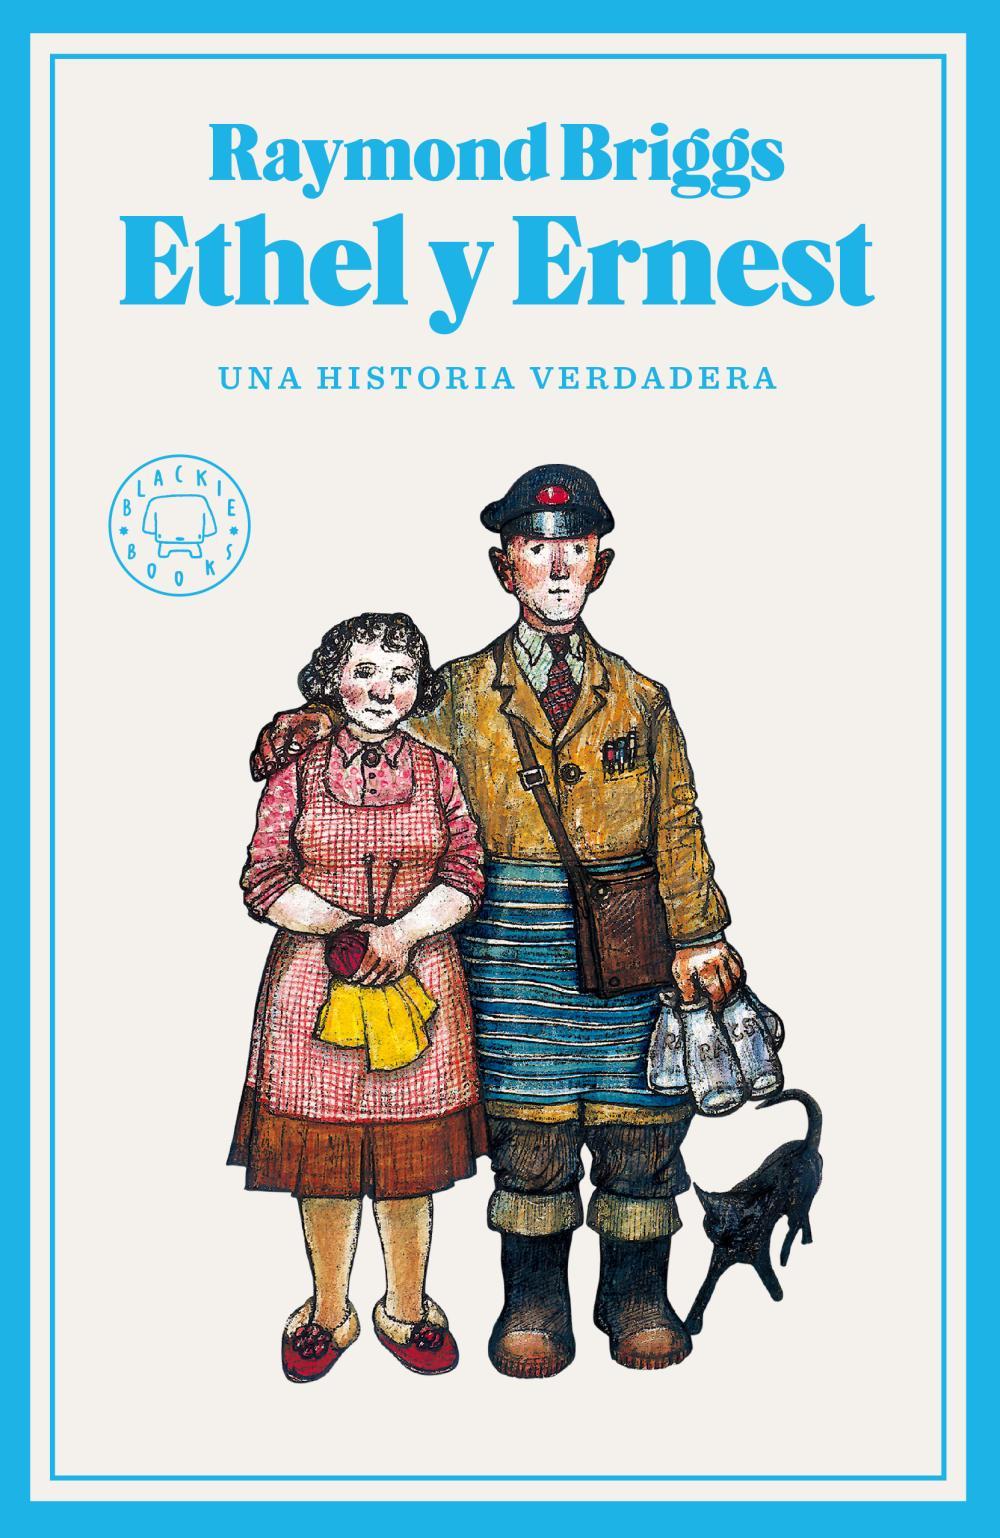 Ethel y Ernest